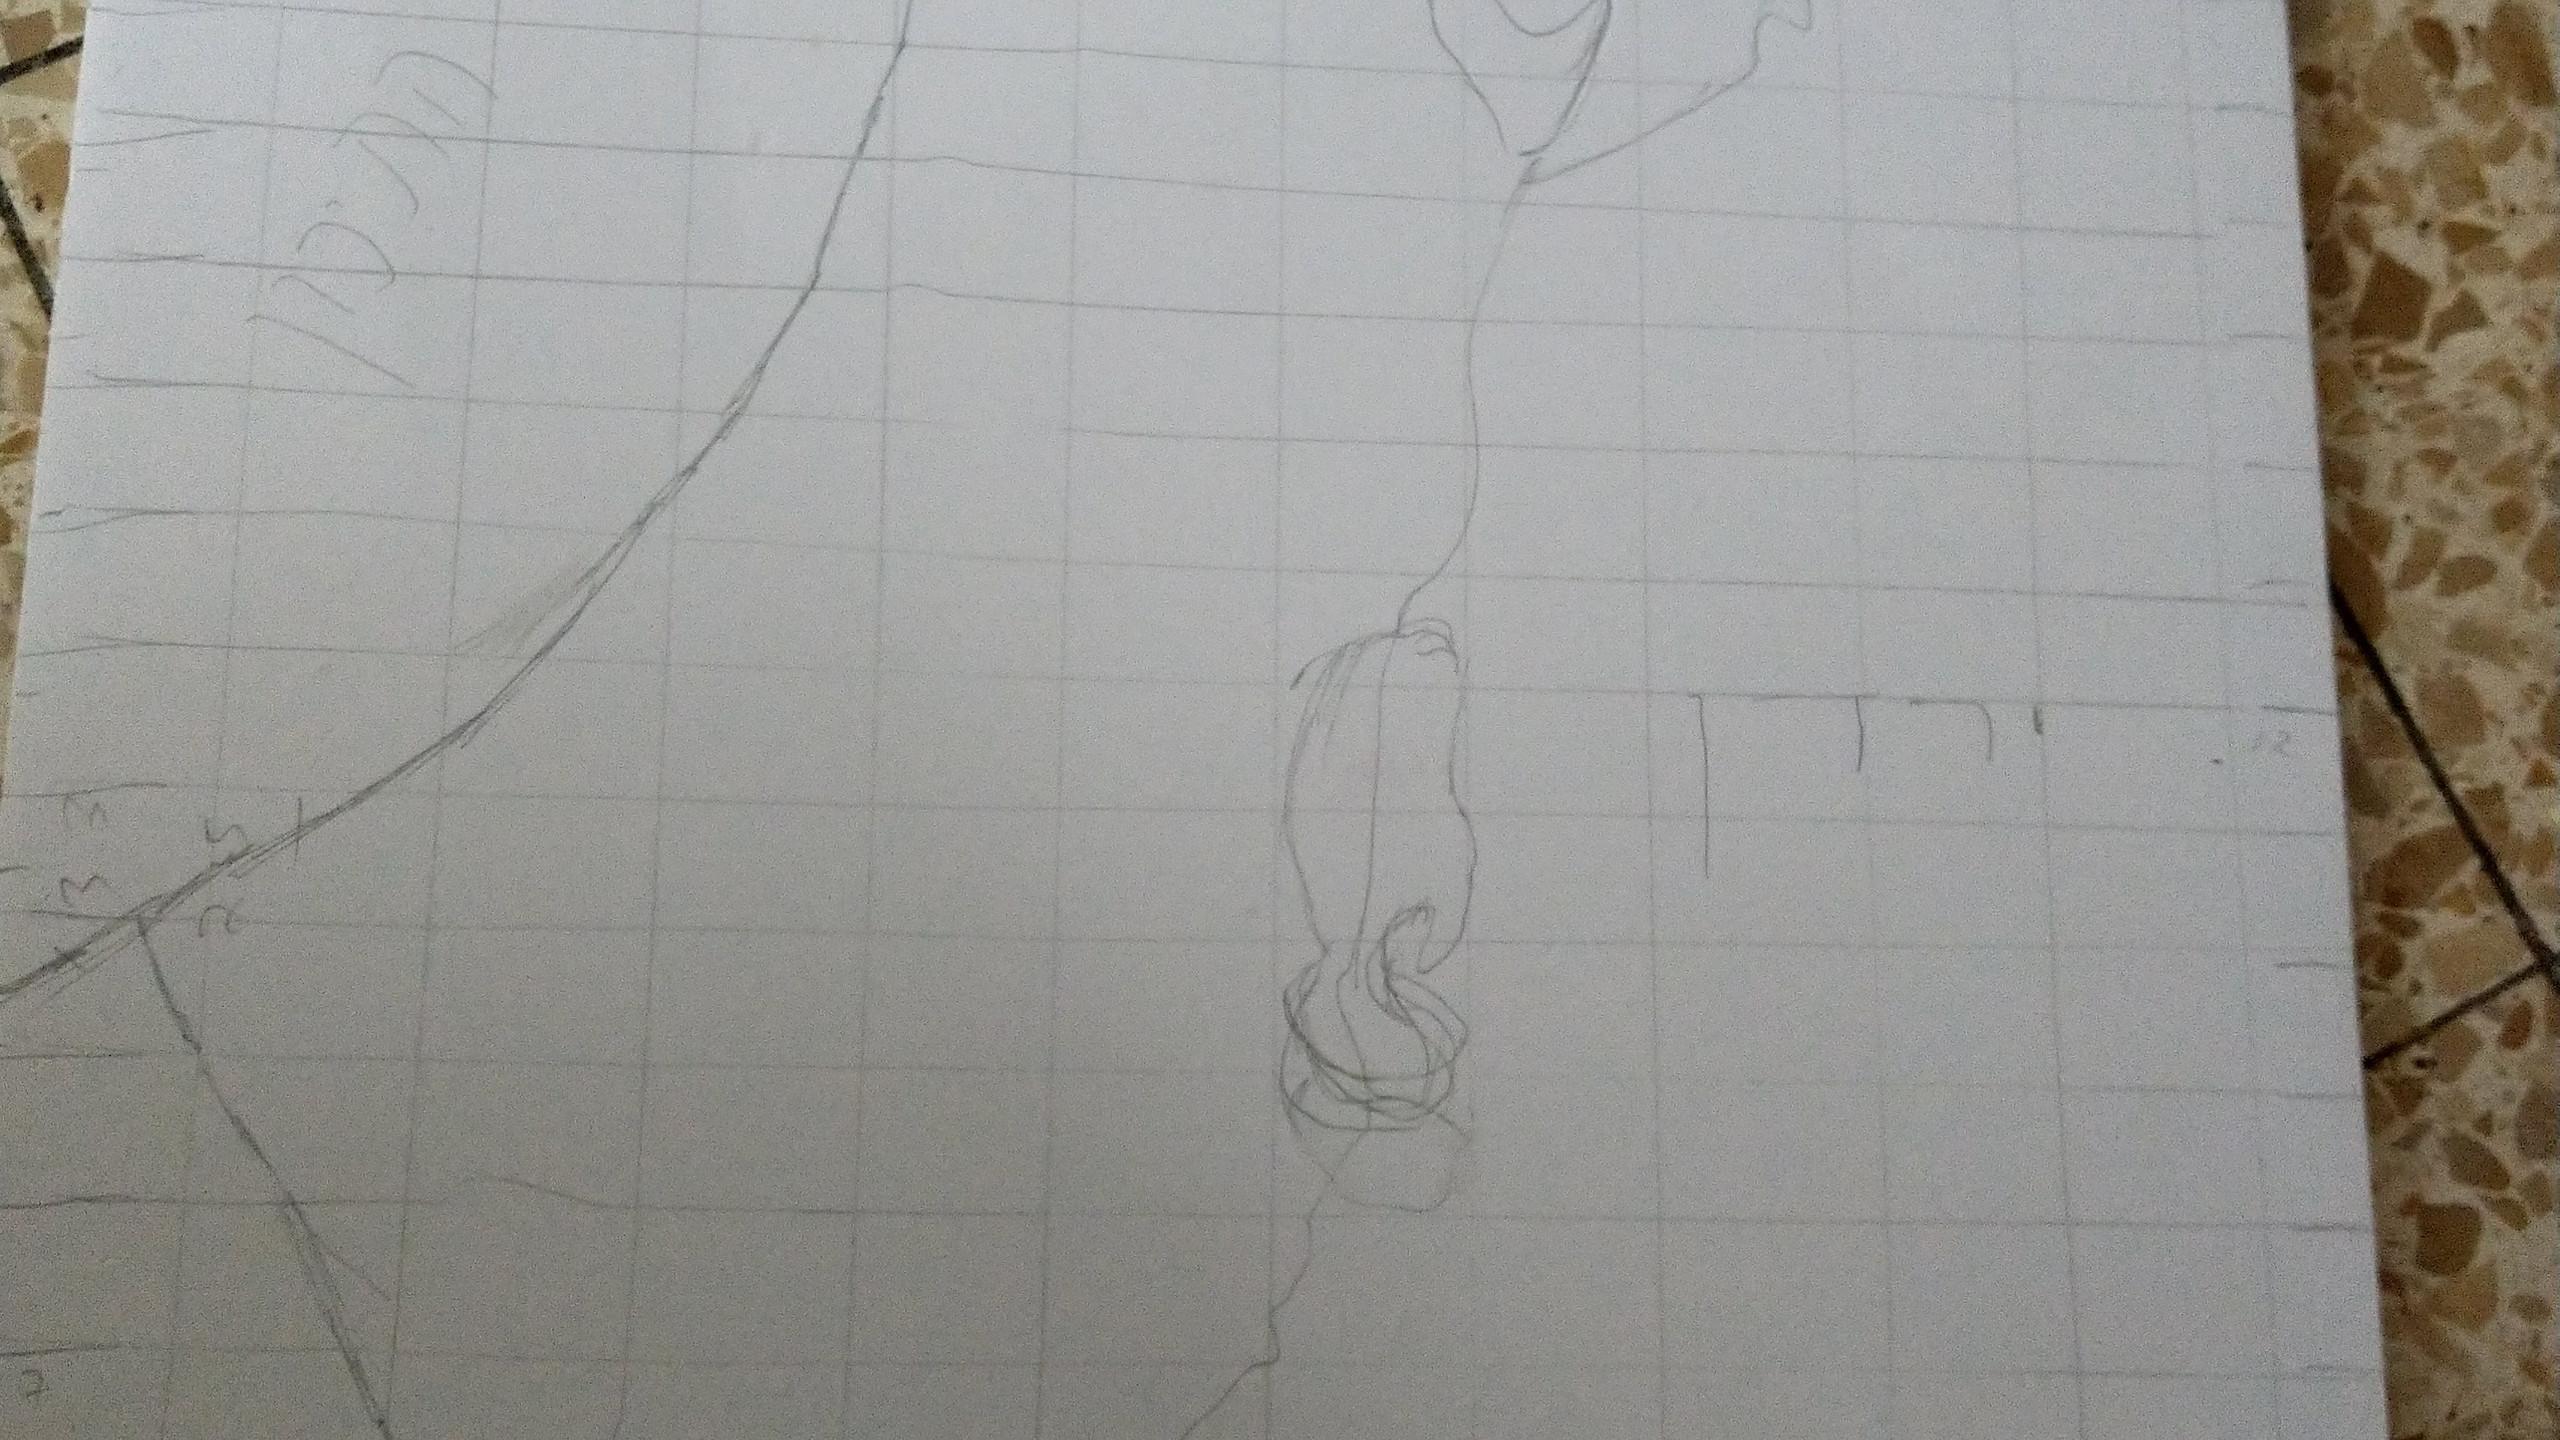 המפה המשורטטת בקנה מידה